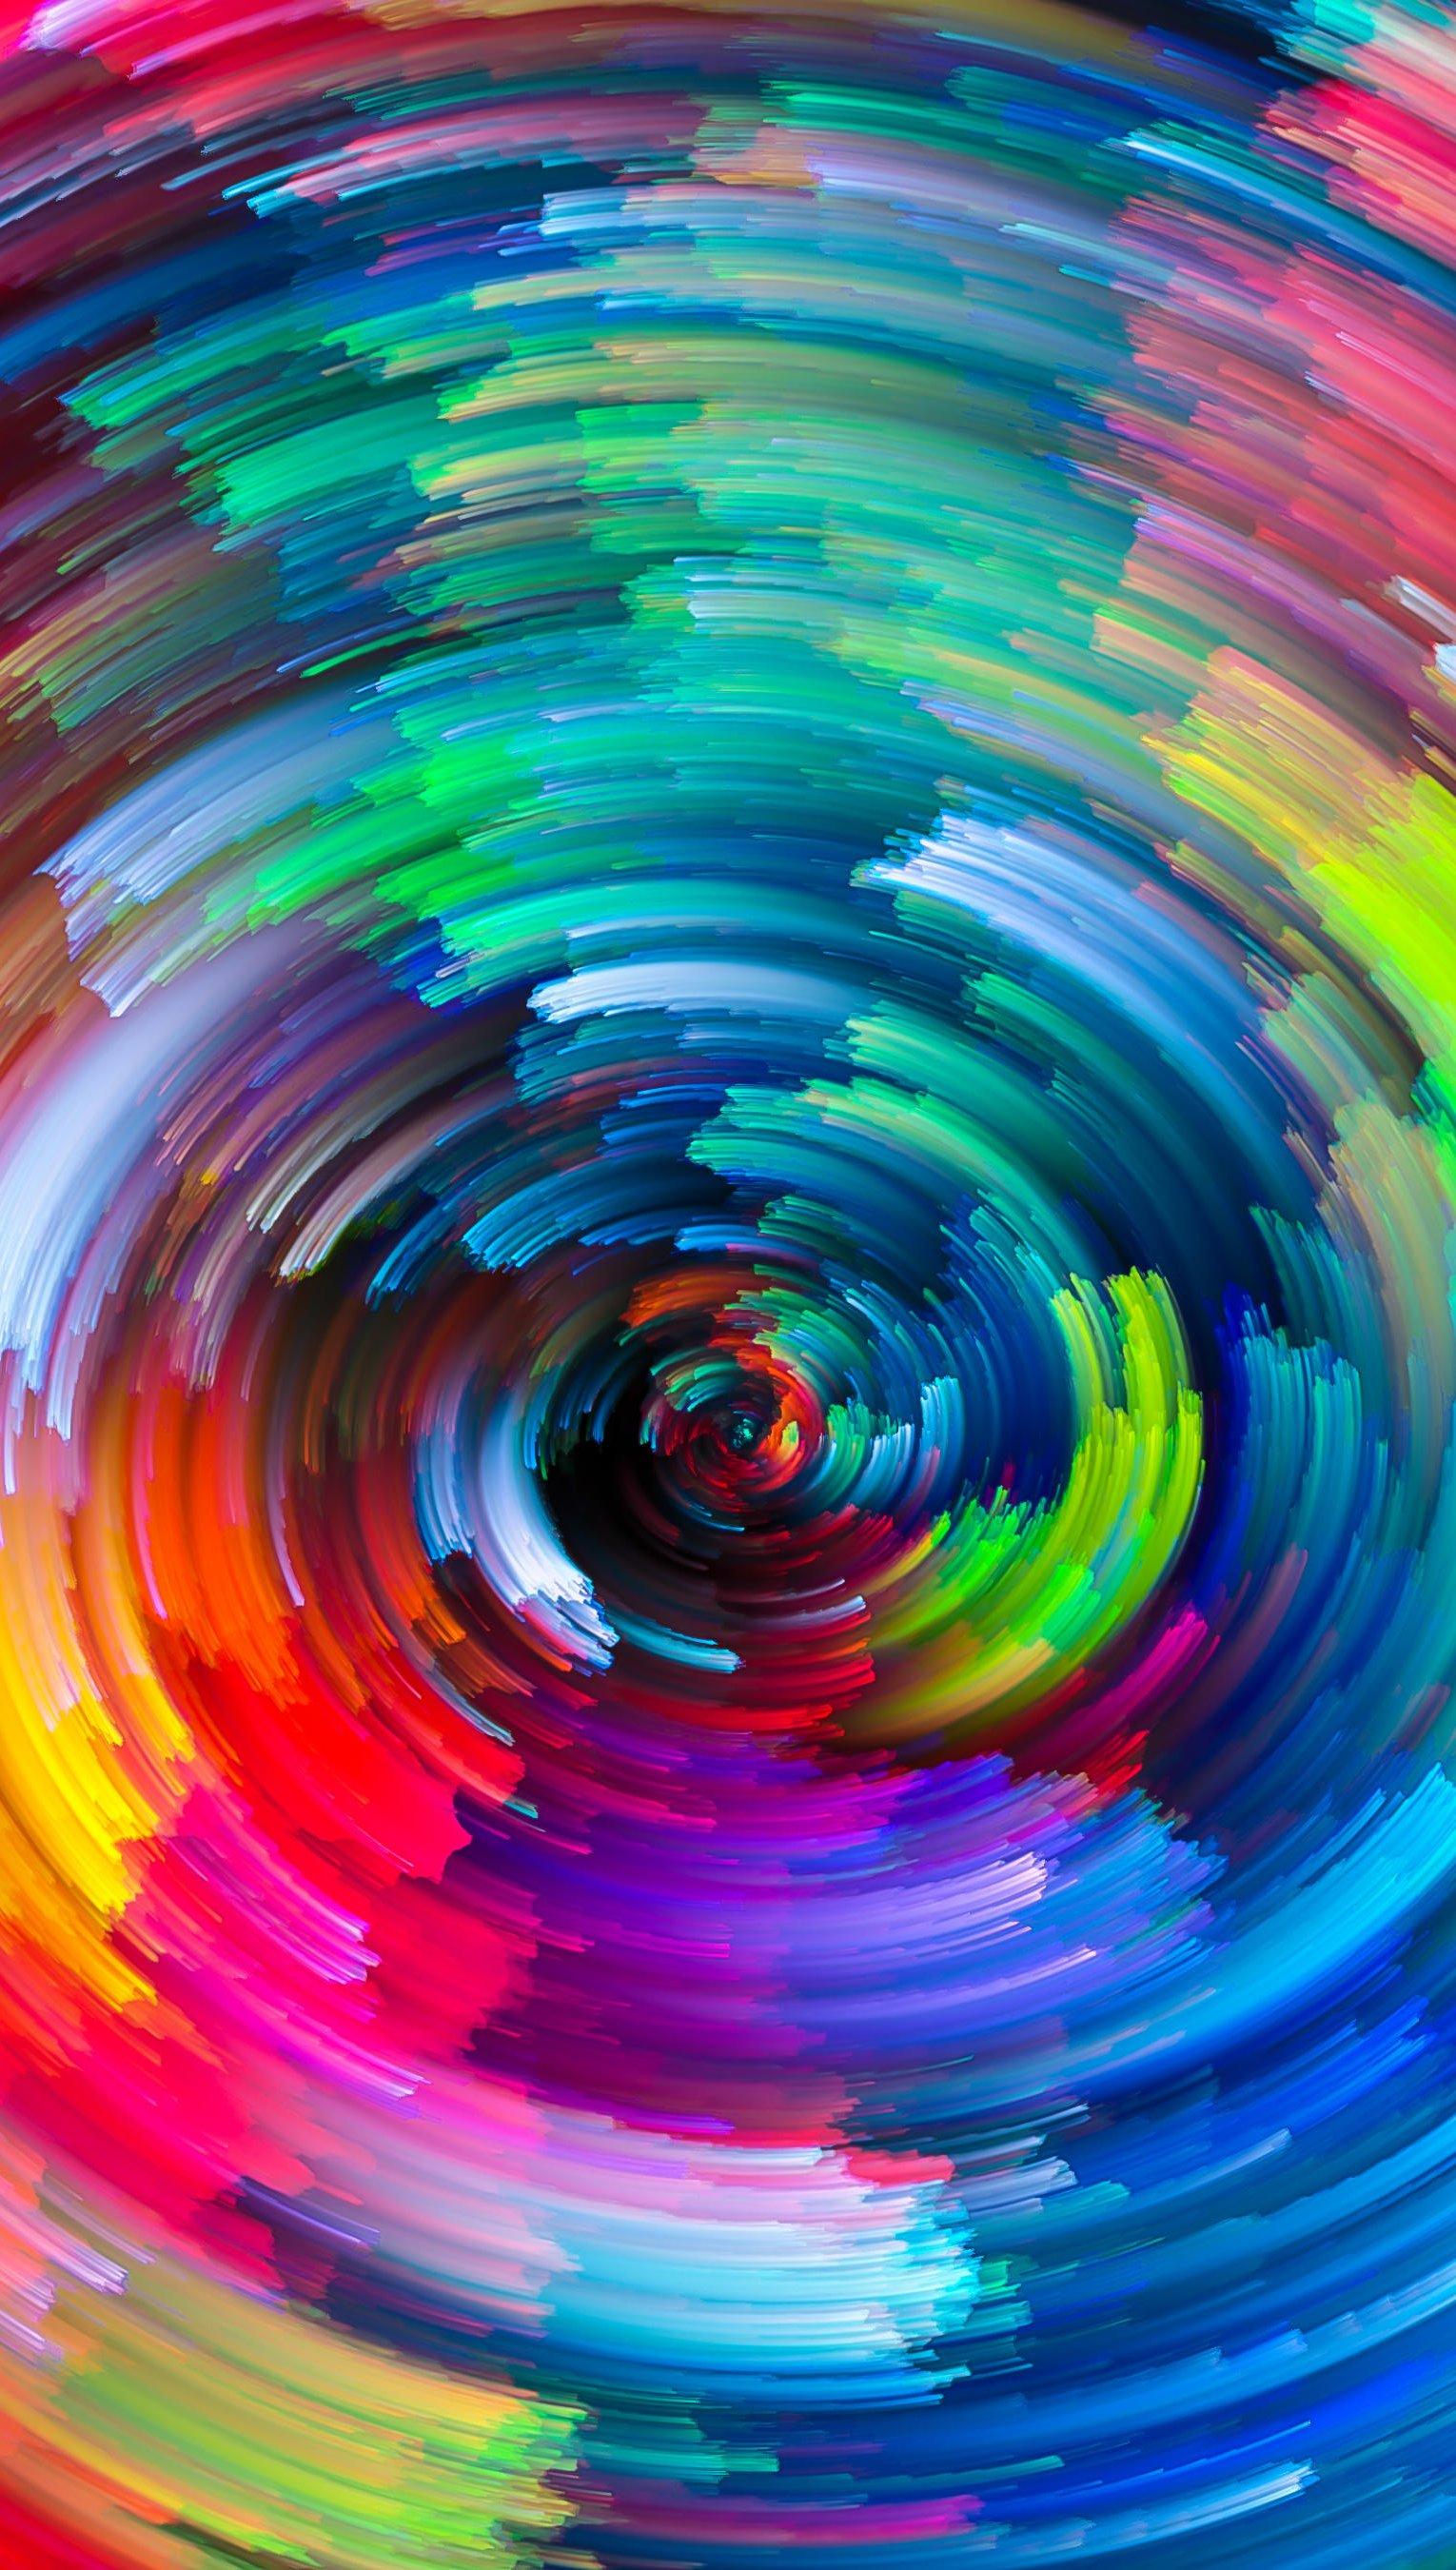 Fondos de pantalla Lineas en espiral de colores Vertical